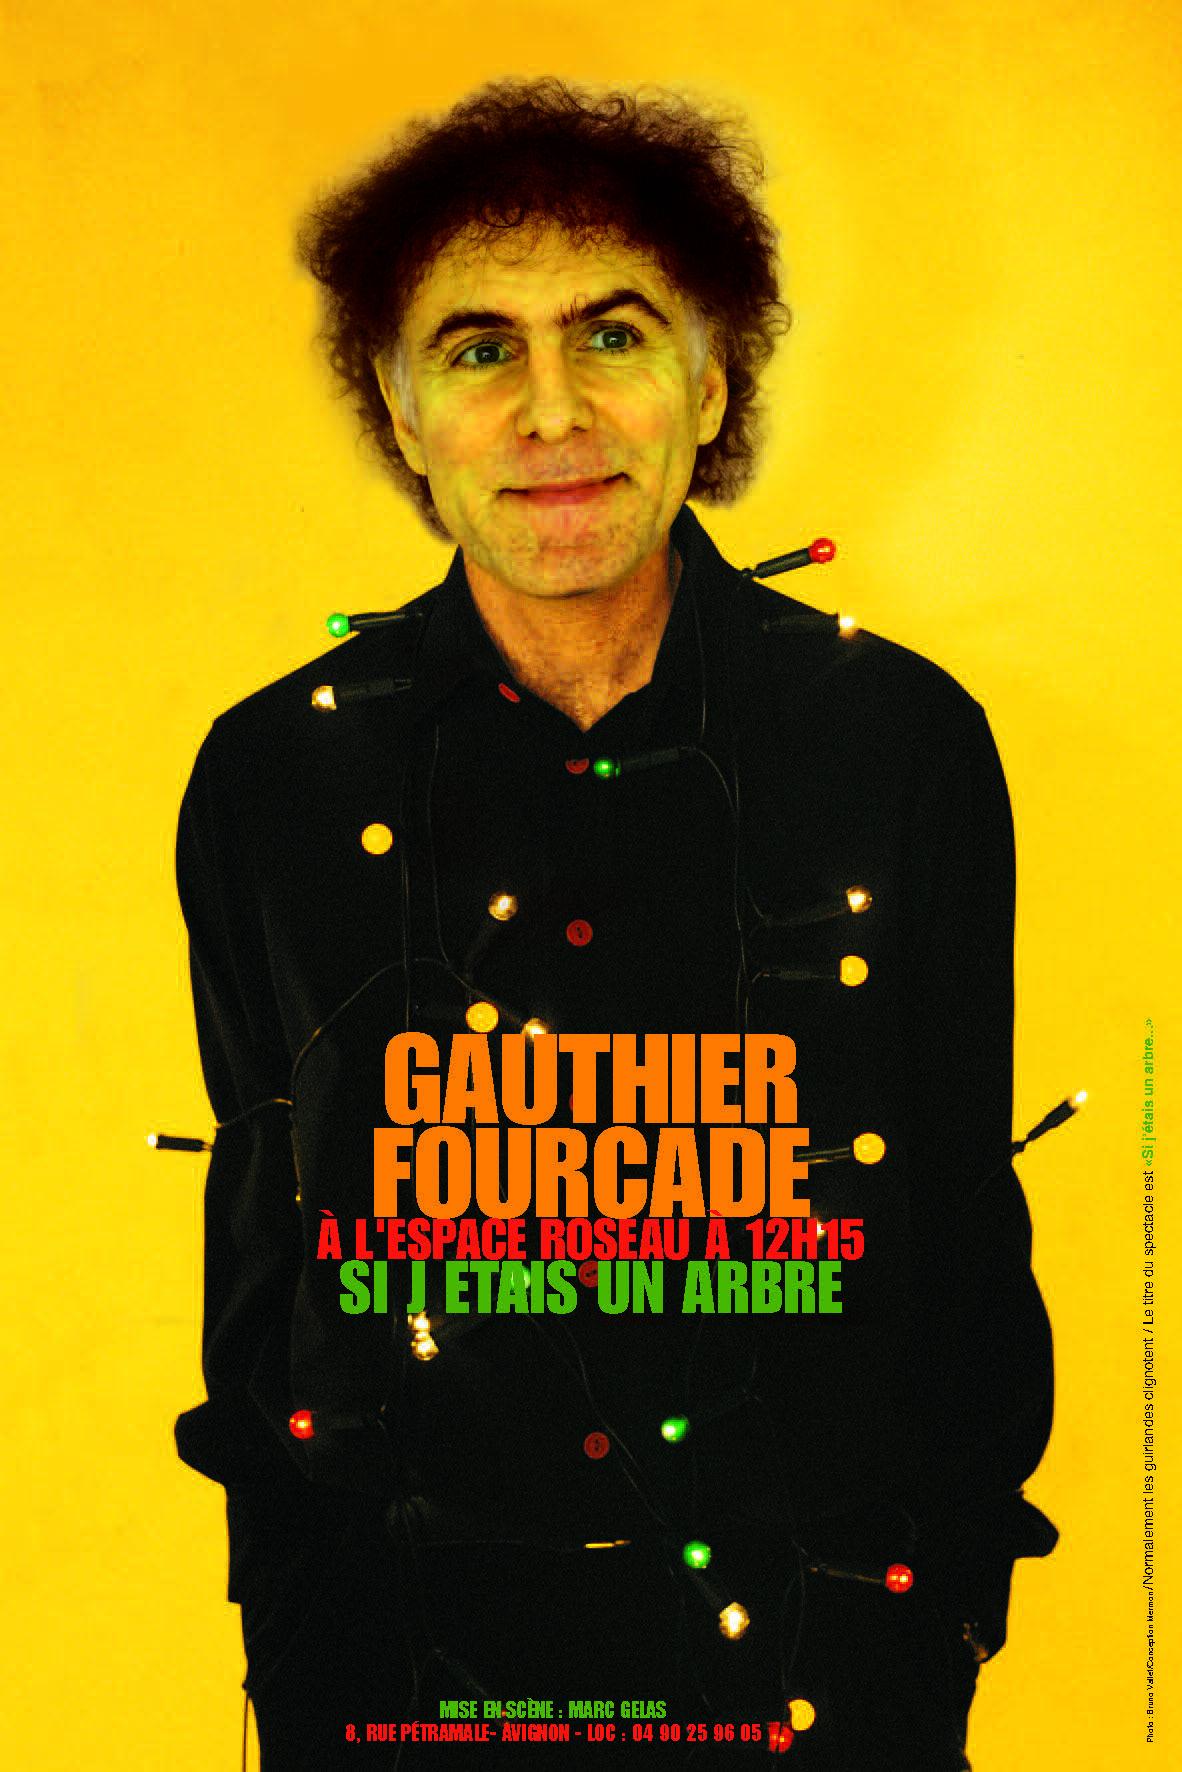 affiche gauthier fourcade